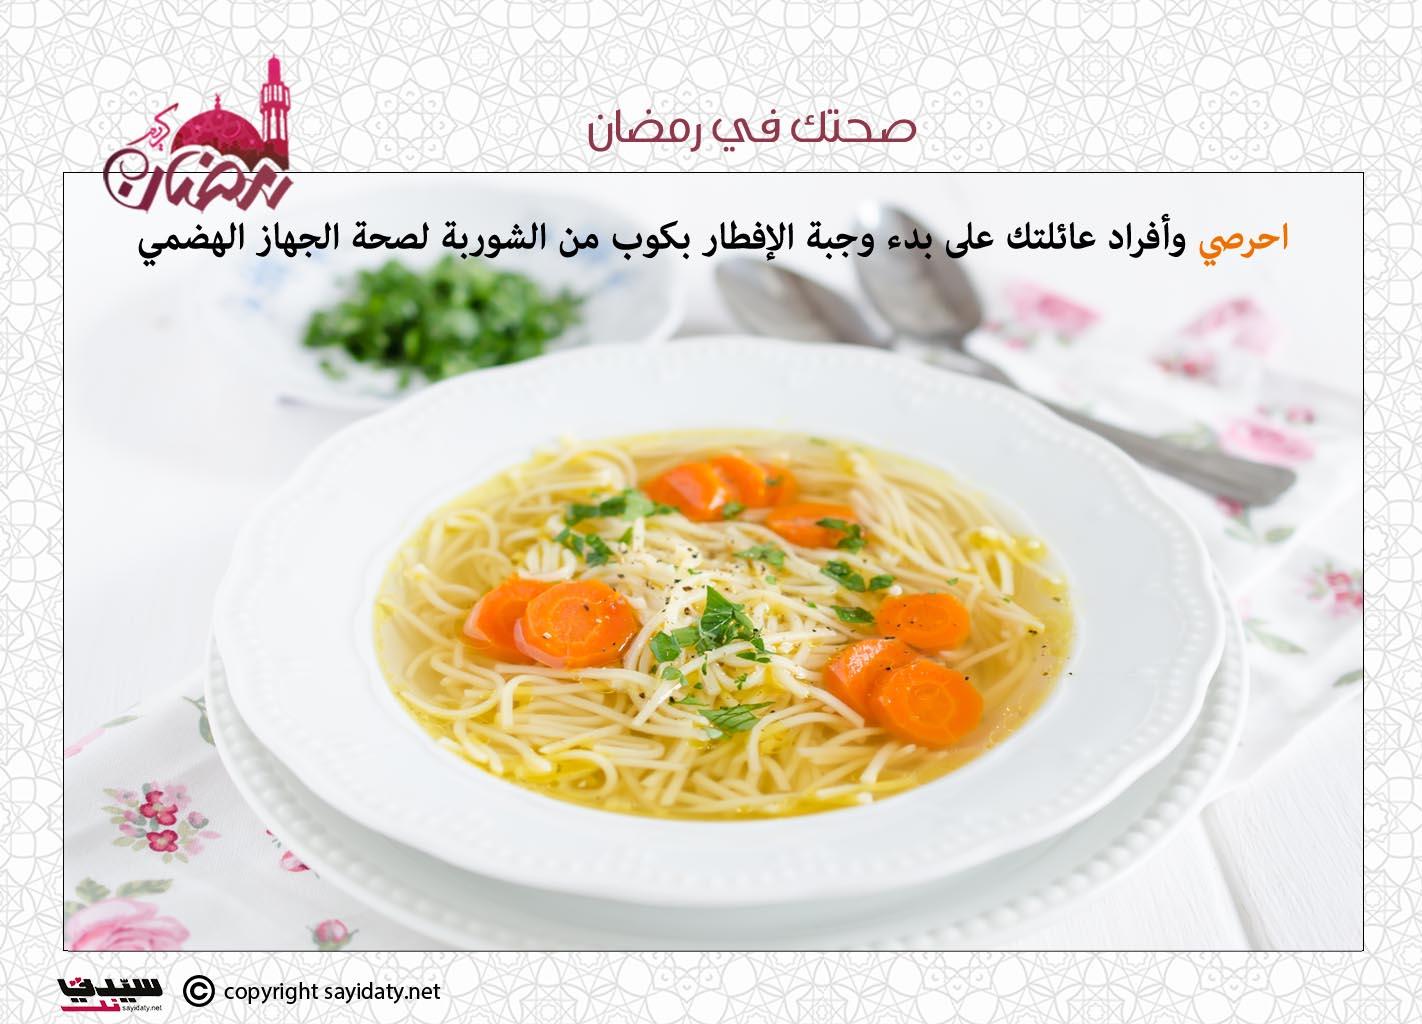 فوائد الشوربة في رمضان عظيمة مجلة سيدتي